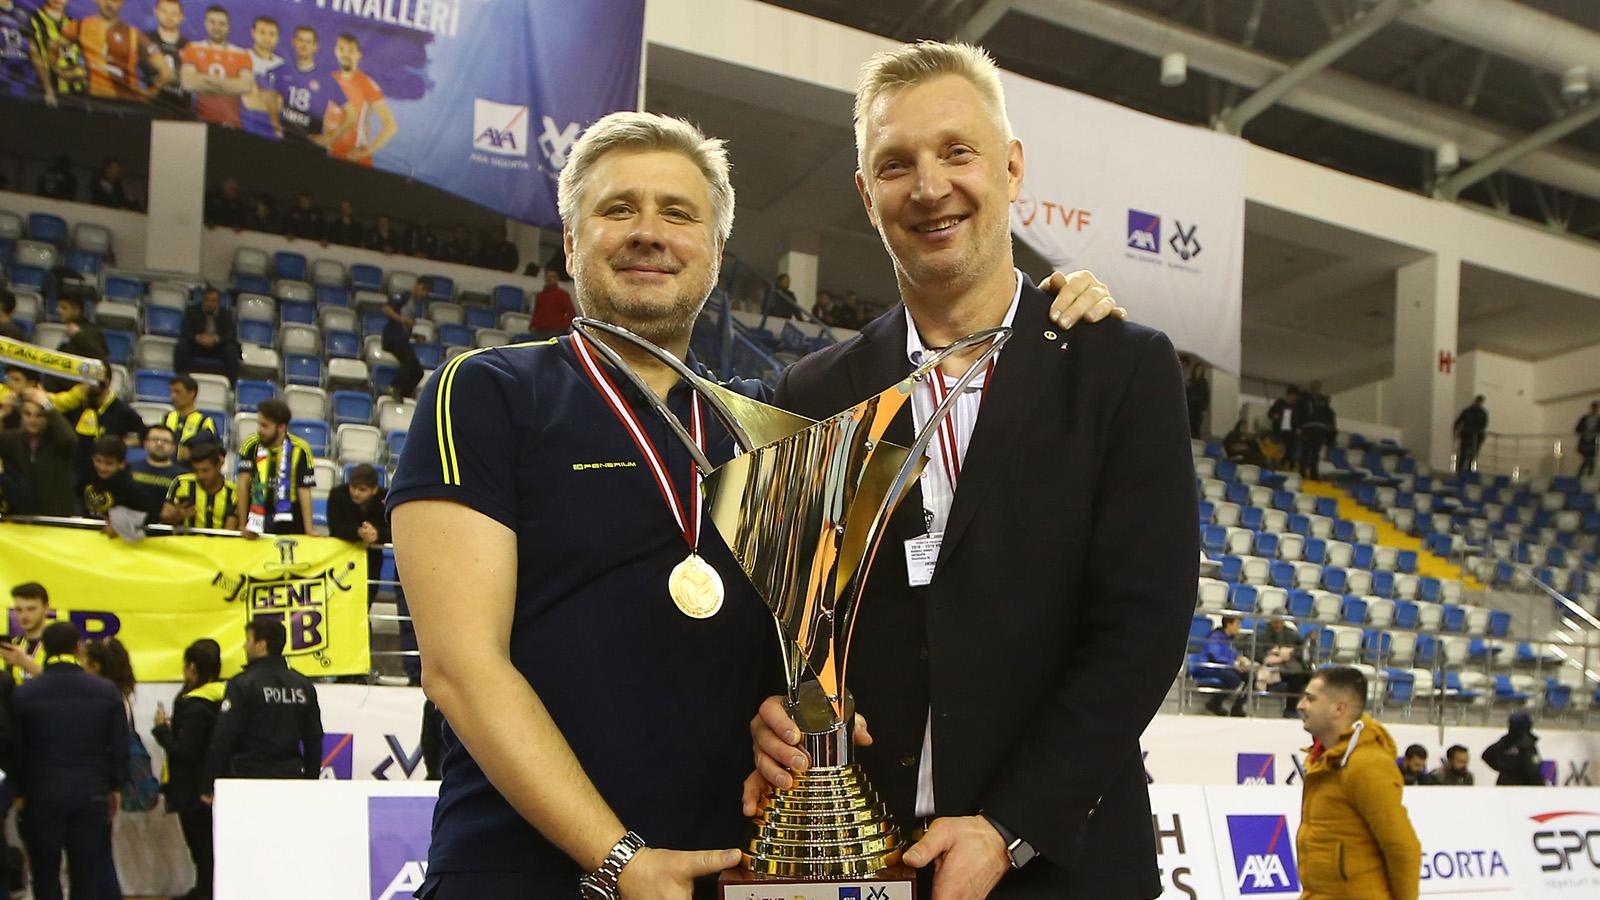 Başantrenörümüz Mariusz Sordyl: Çok mutlu ve gururluyum